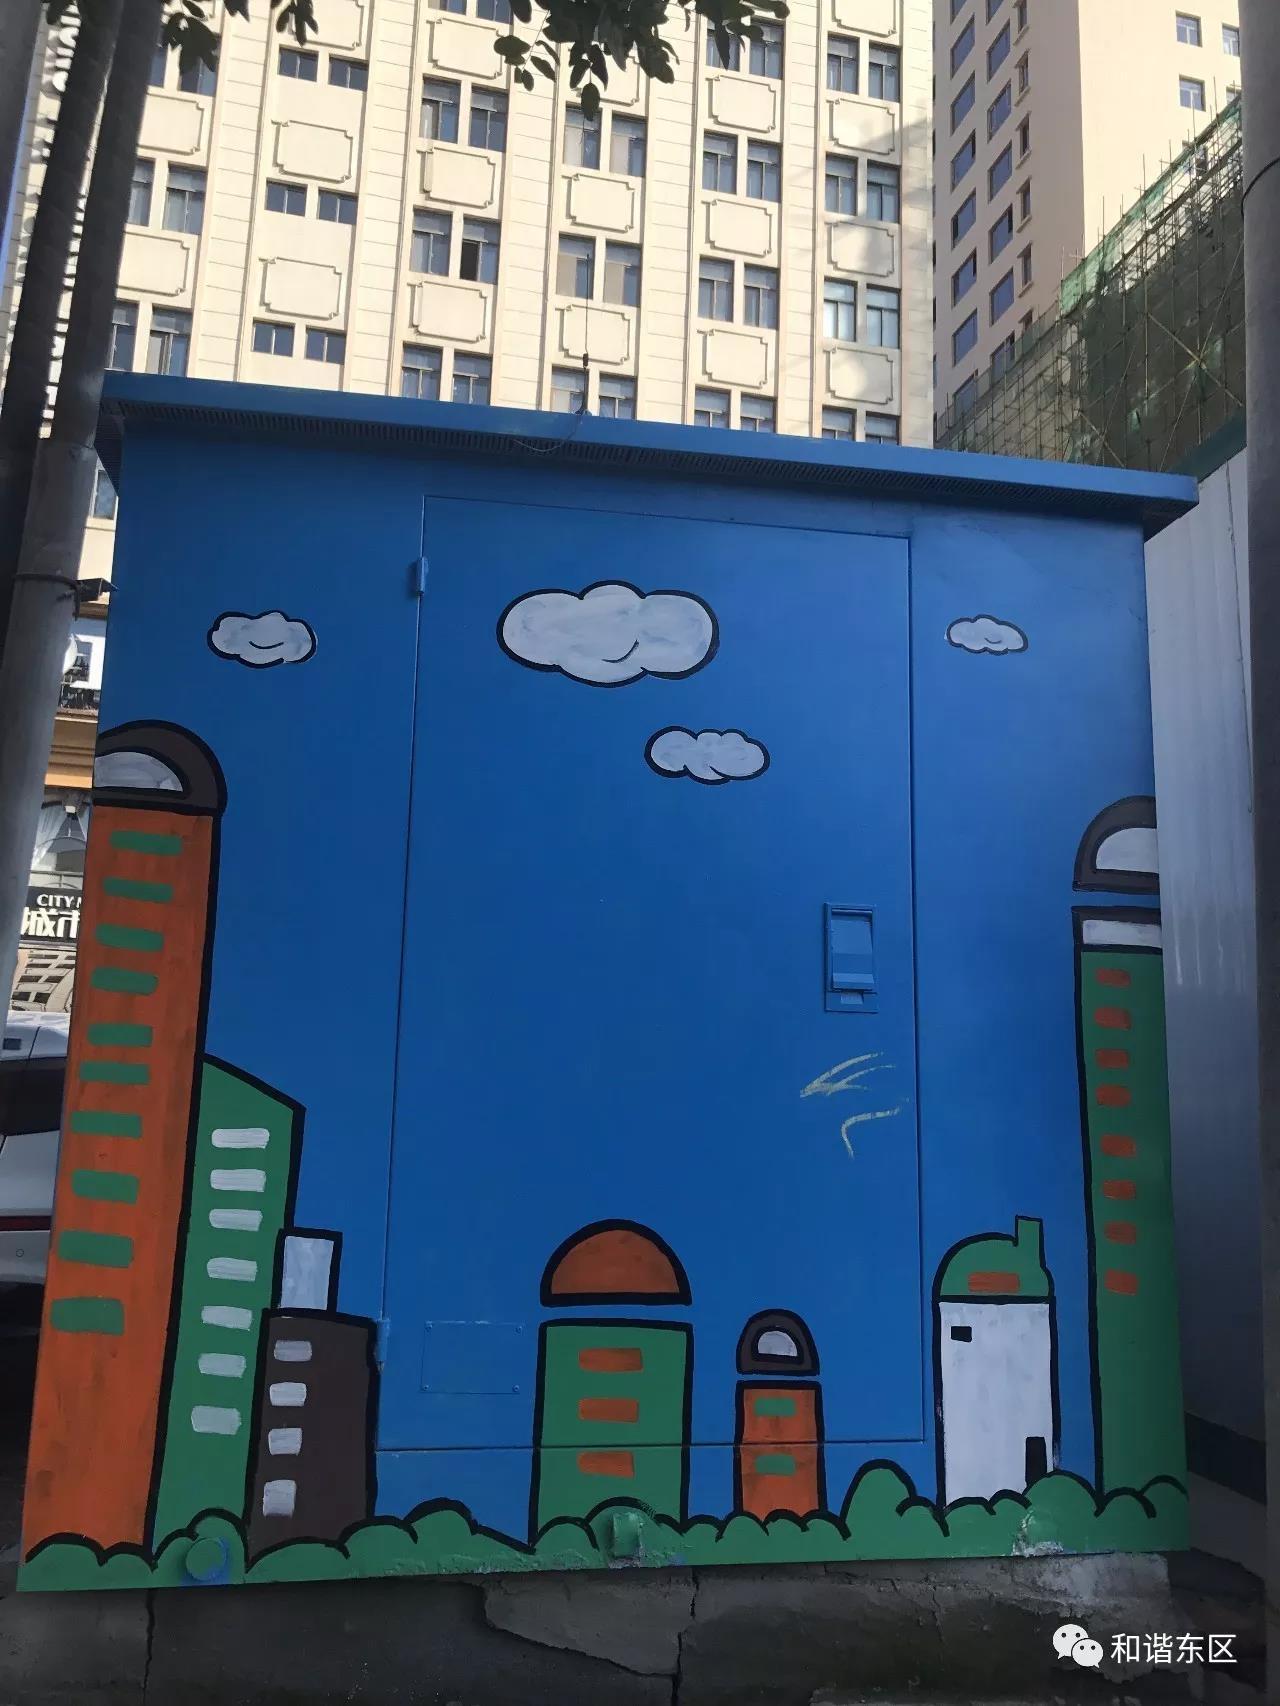 城东区建国路、果洛路、东关大街等,主次干道上70余个,500多个平方配电箱通过彩绘创作,为创建全国文明城市增添色彩。以社会主义核心价值观、民族团结、文明礼仪、环保等为内容的彩绘宣传画,让配电箱披上了绚丽的外衣,成为东区街头的靓丽风景。 如今东区原来一色一体的变电箱,通过一幅幅色彩斑斓、别致精美的创意主题彩绘变得格外吸引眼球,创新举措不仅让这些原本毫无生机的箱子一下子生机活泼了起来,也让市民觉得这座城市焕发了生机。 近年来,城东区以创建全国文明城市为契机,大力培育和践行社会主义核心价值观,不断拓宽公益广告宣